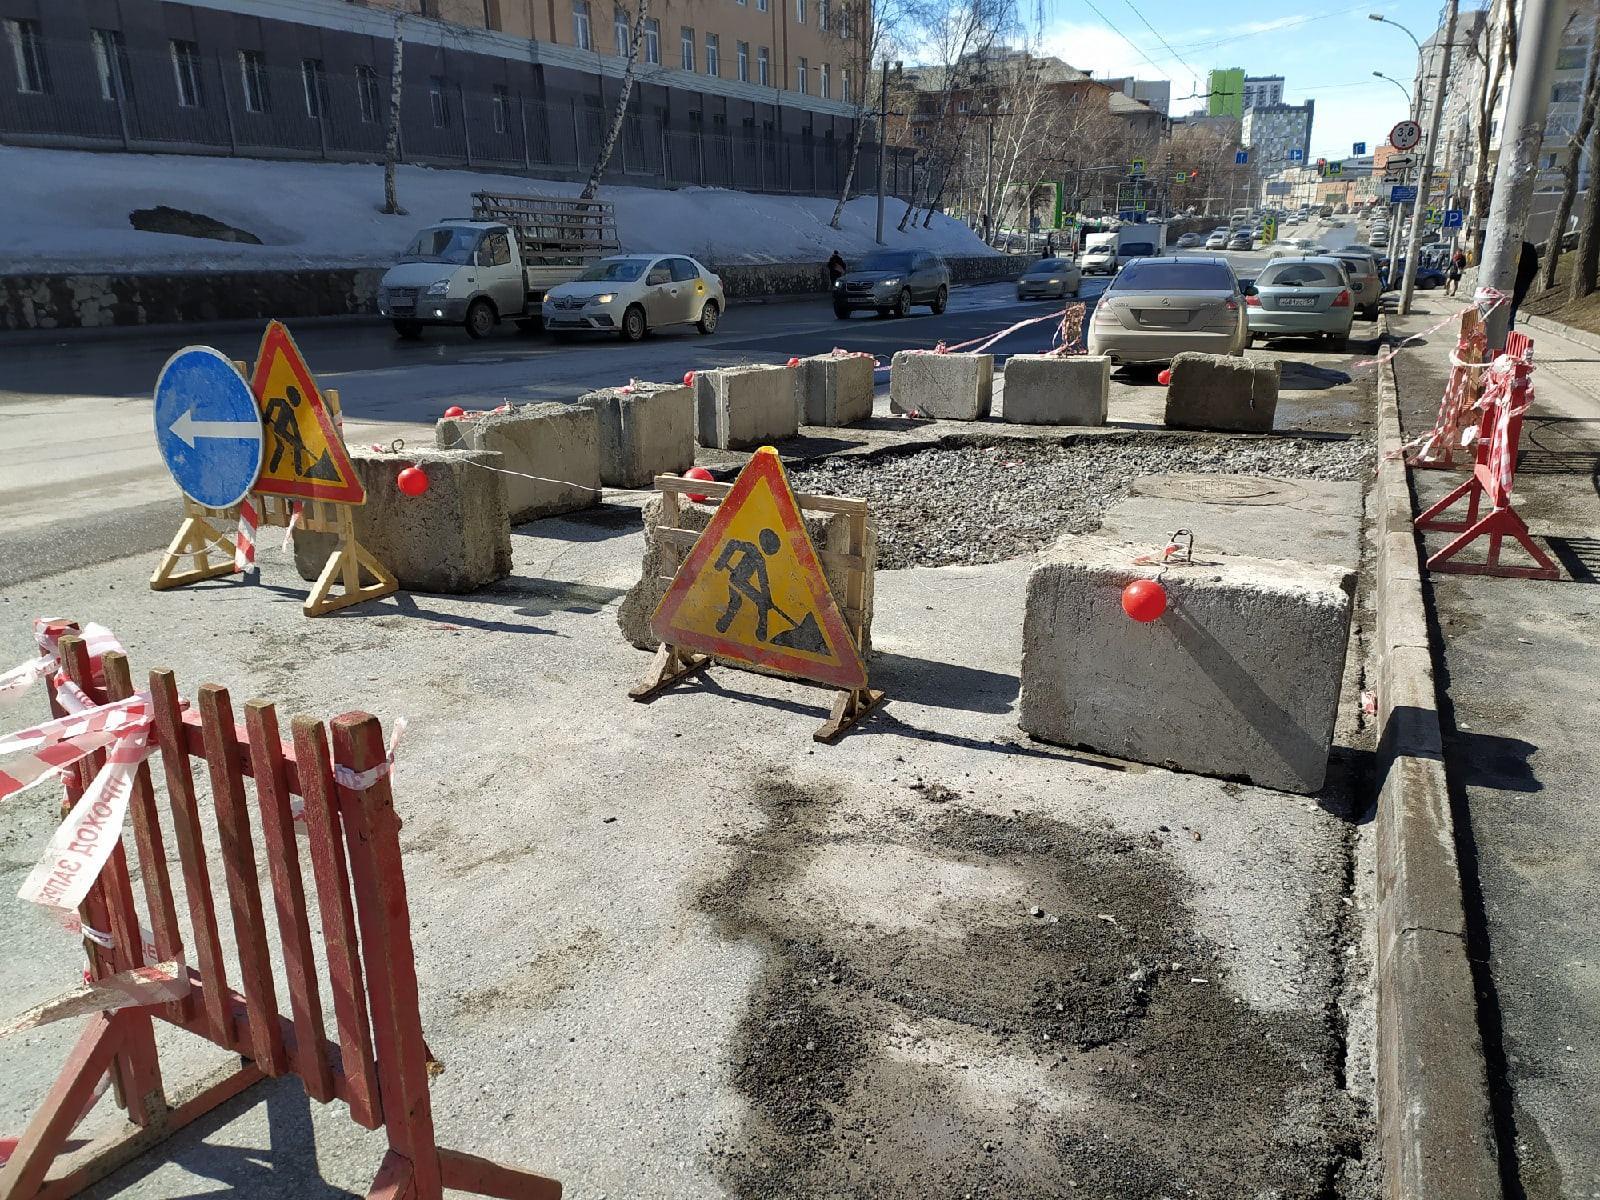 фото В Новосибирске ремонтируют яму на улице Писарева 2